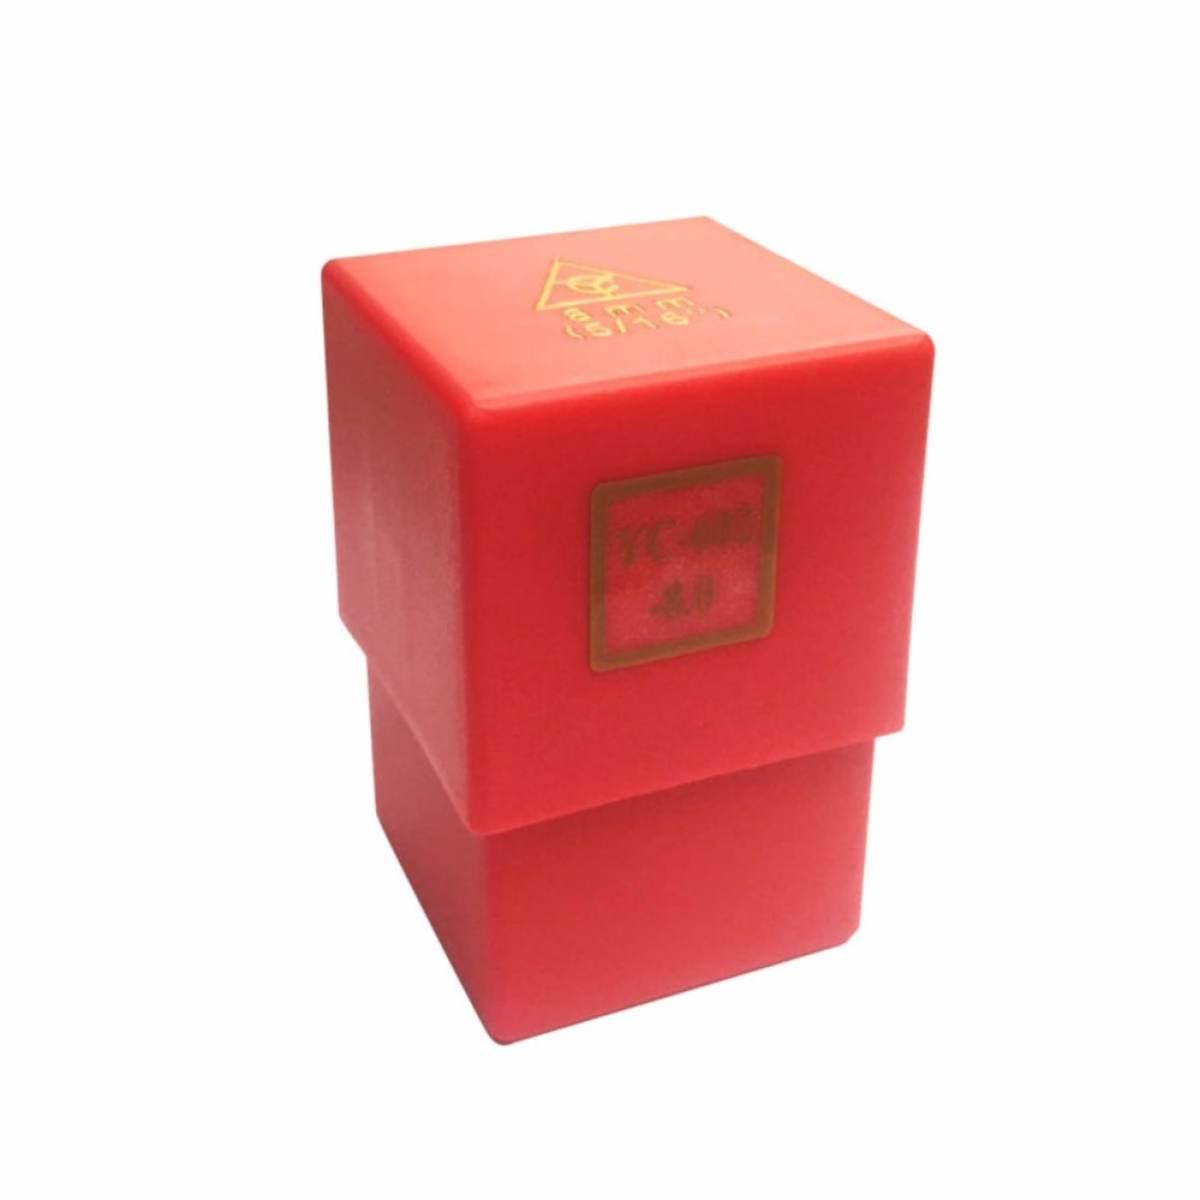 bo-dong-so-10mm-hieu-yc-xuoi-yc-602-10-0-9133-6263205-6e2fd5538f467c1d70dd9d1f2a89a89b-catalog.jpg_1200x1200q80.jpg (1200×1200)